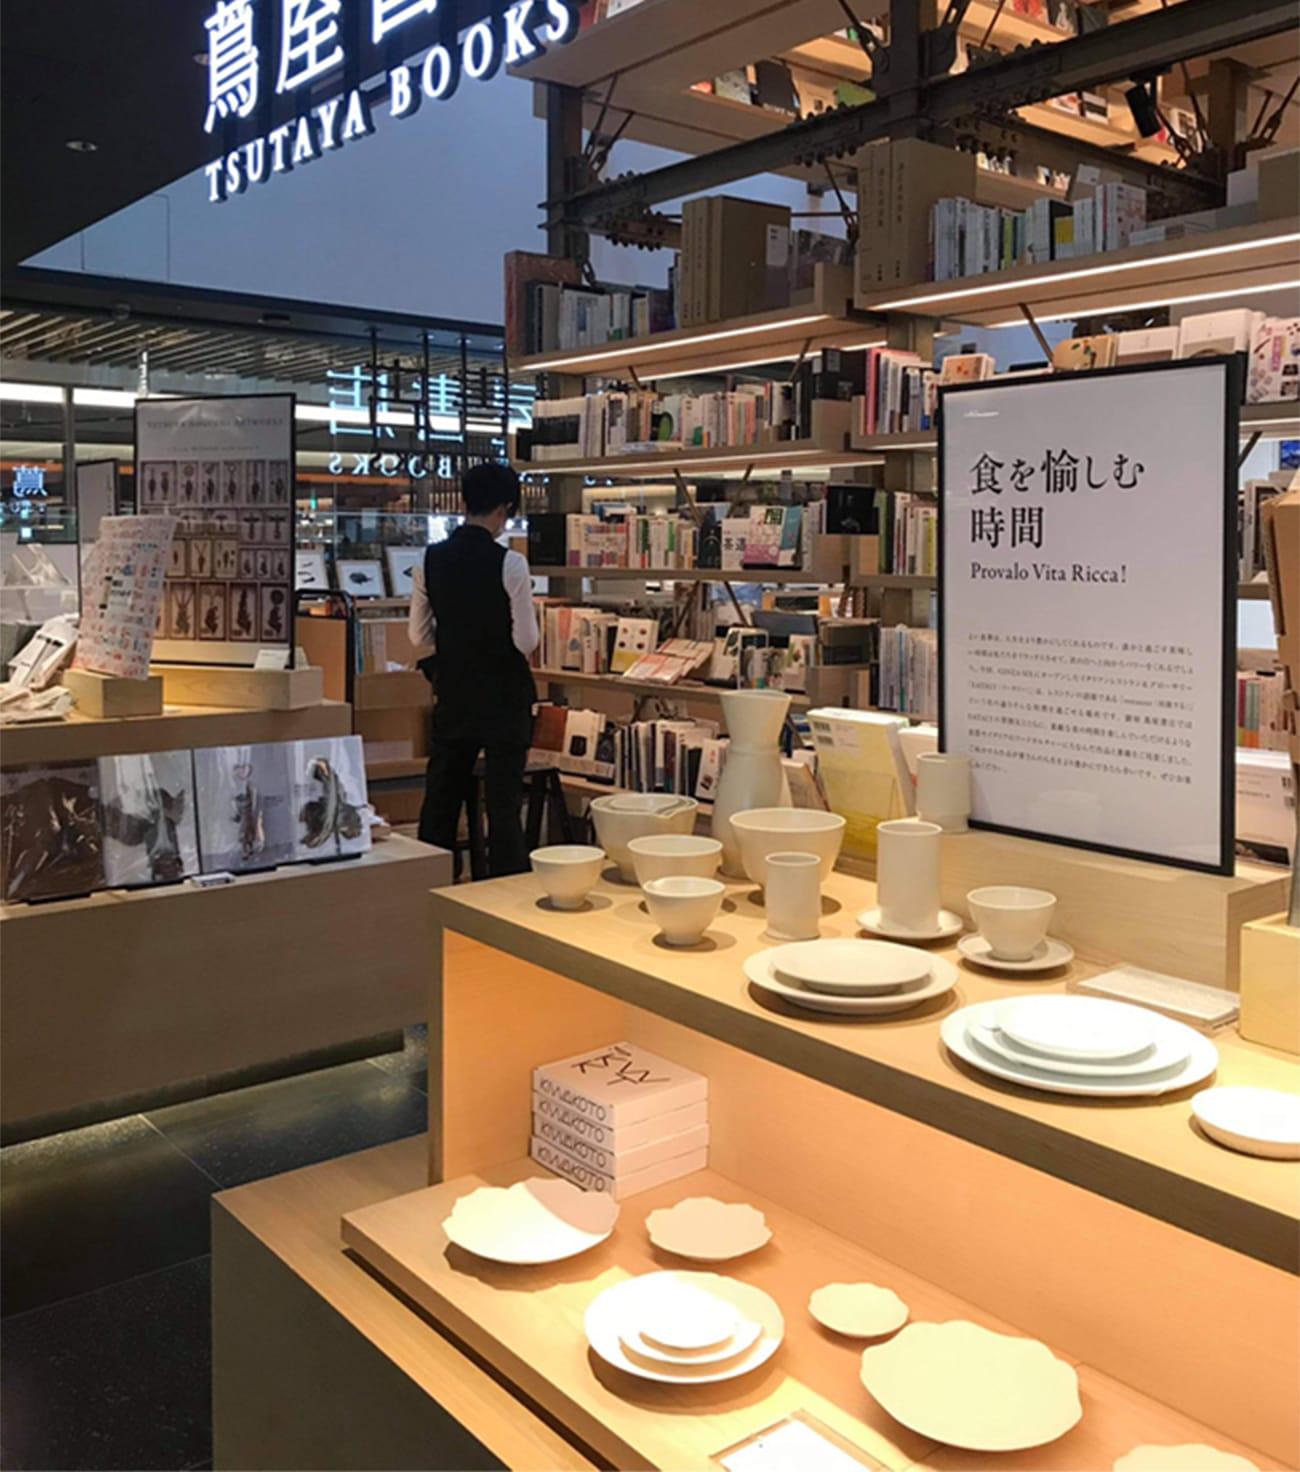 [食を愉しむ時間]谷口製土所の職人たちによる陶器のテーブルウェアブランドHANASAKAの銀座 蔦屋書店(GINZA SIX 6F)展示販売のお知らせ